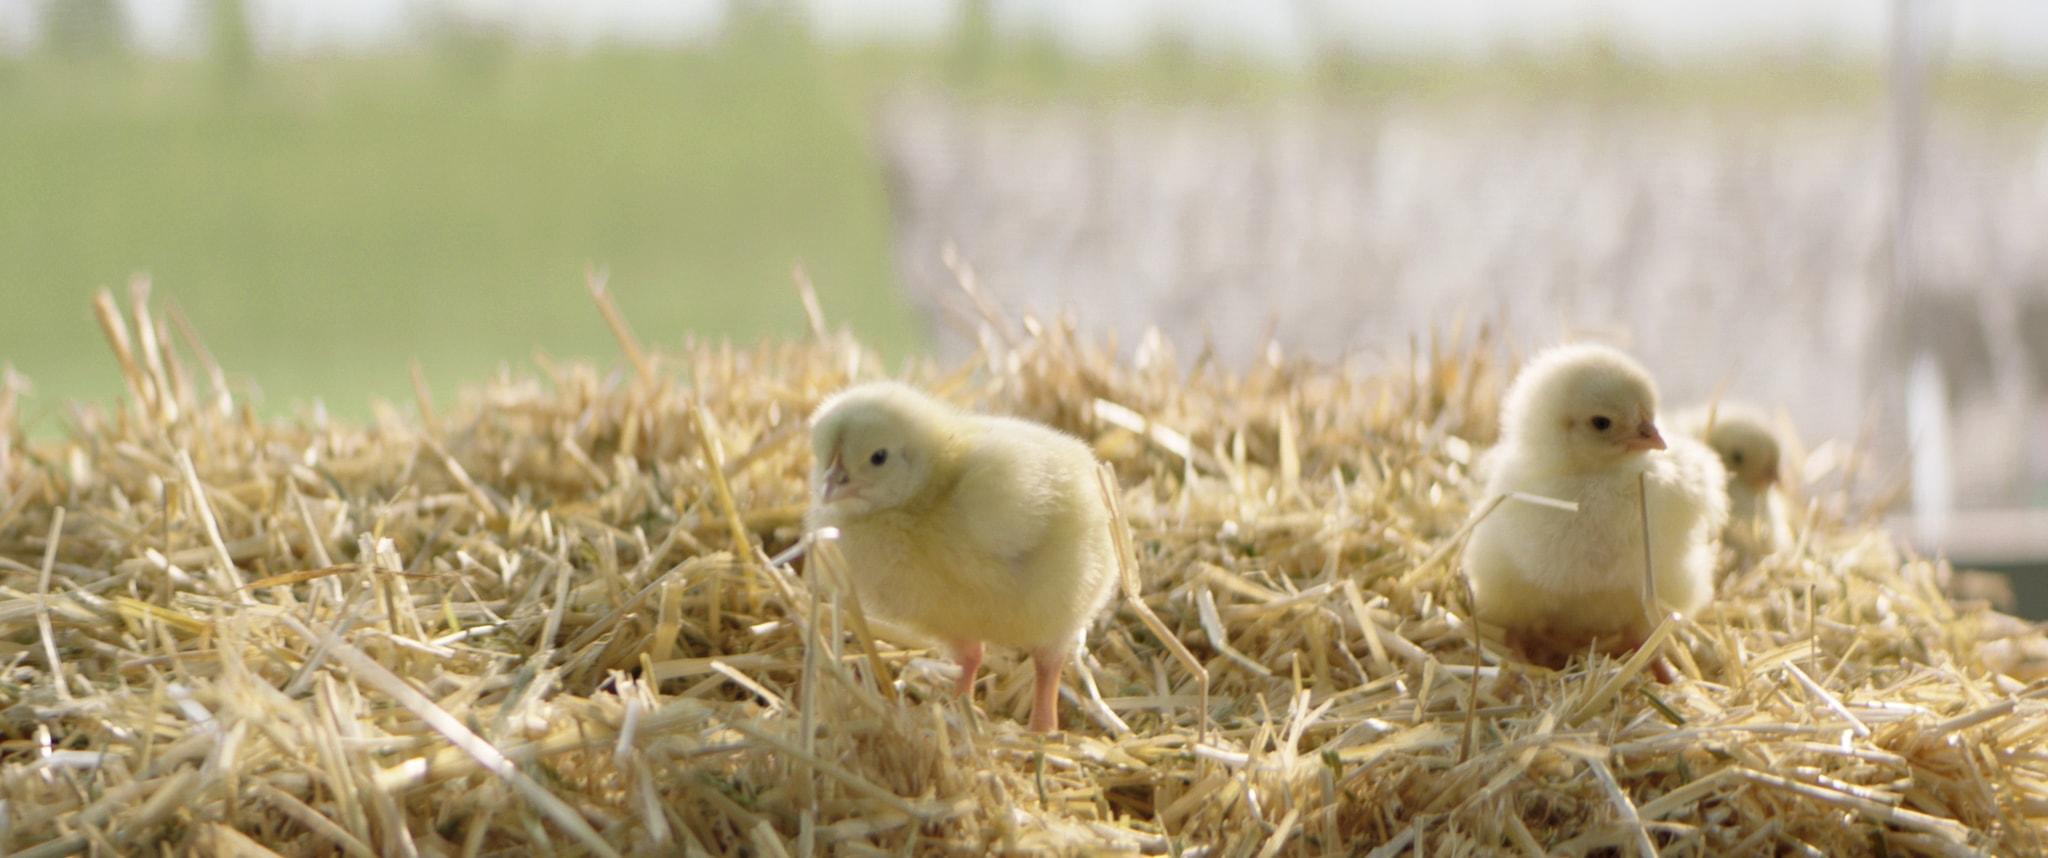 Kylling på grusvej